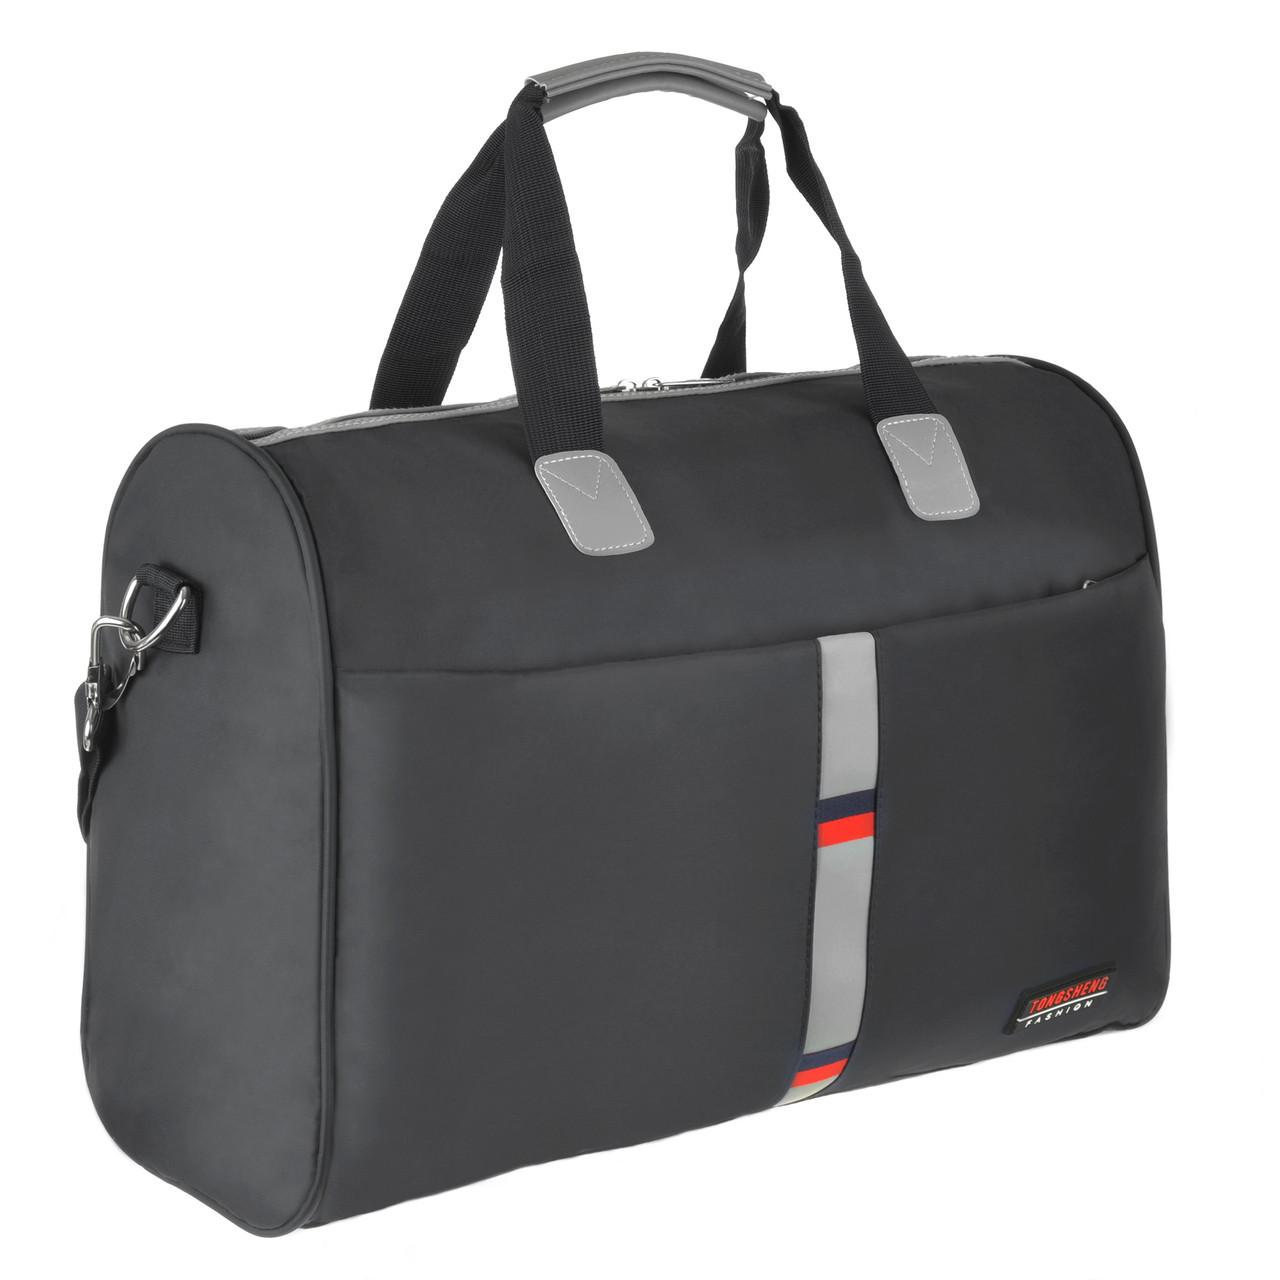 Дорожная сумка TONGSHENG саквояж синяя 50x34x22 ткань нейлон  ксТС508ч